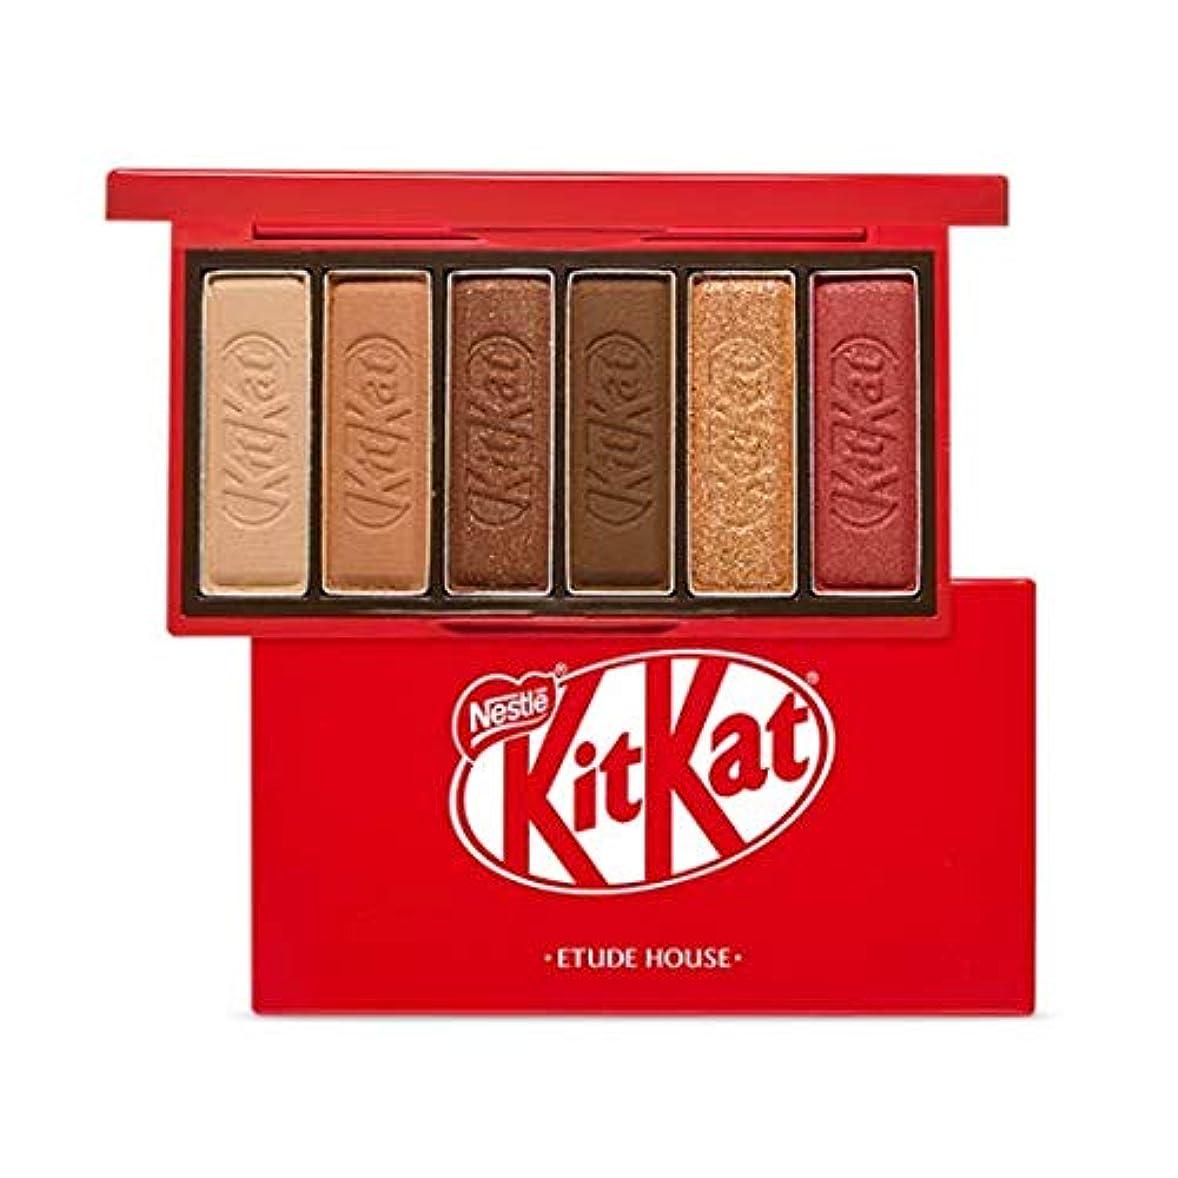 遮る湿度ロープエチュードハウス キットカット プレイカラー アイズ ミニ 1*6g / ETUDE HOUSE KitKat Play Color Eyes Mini #1 KitKat Original [並行輸入品]